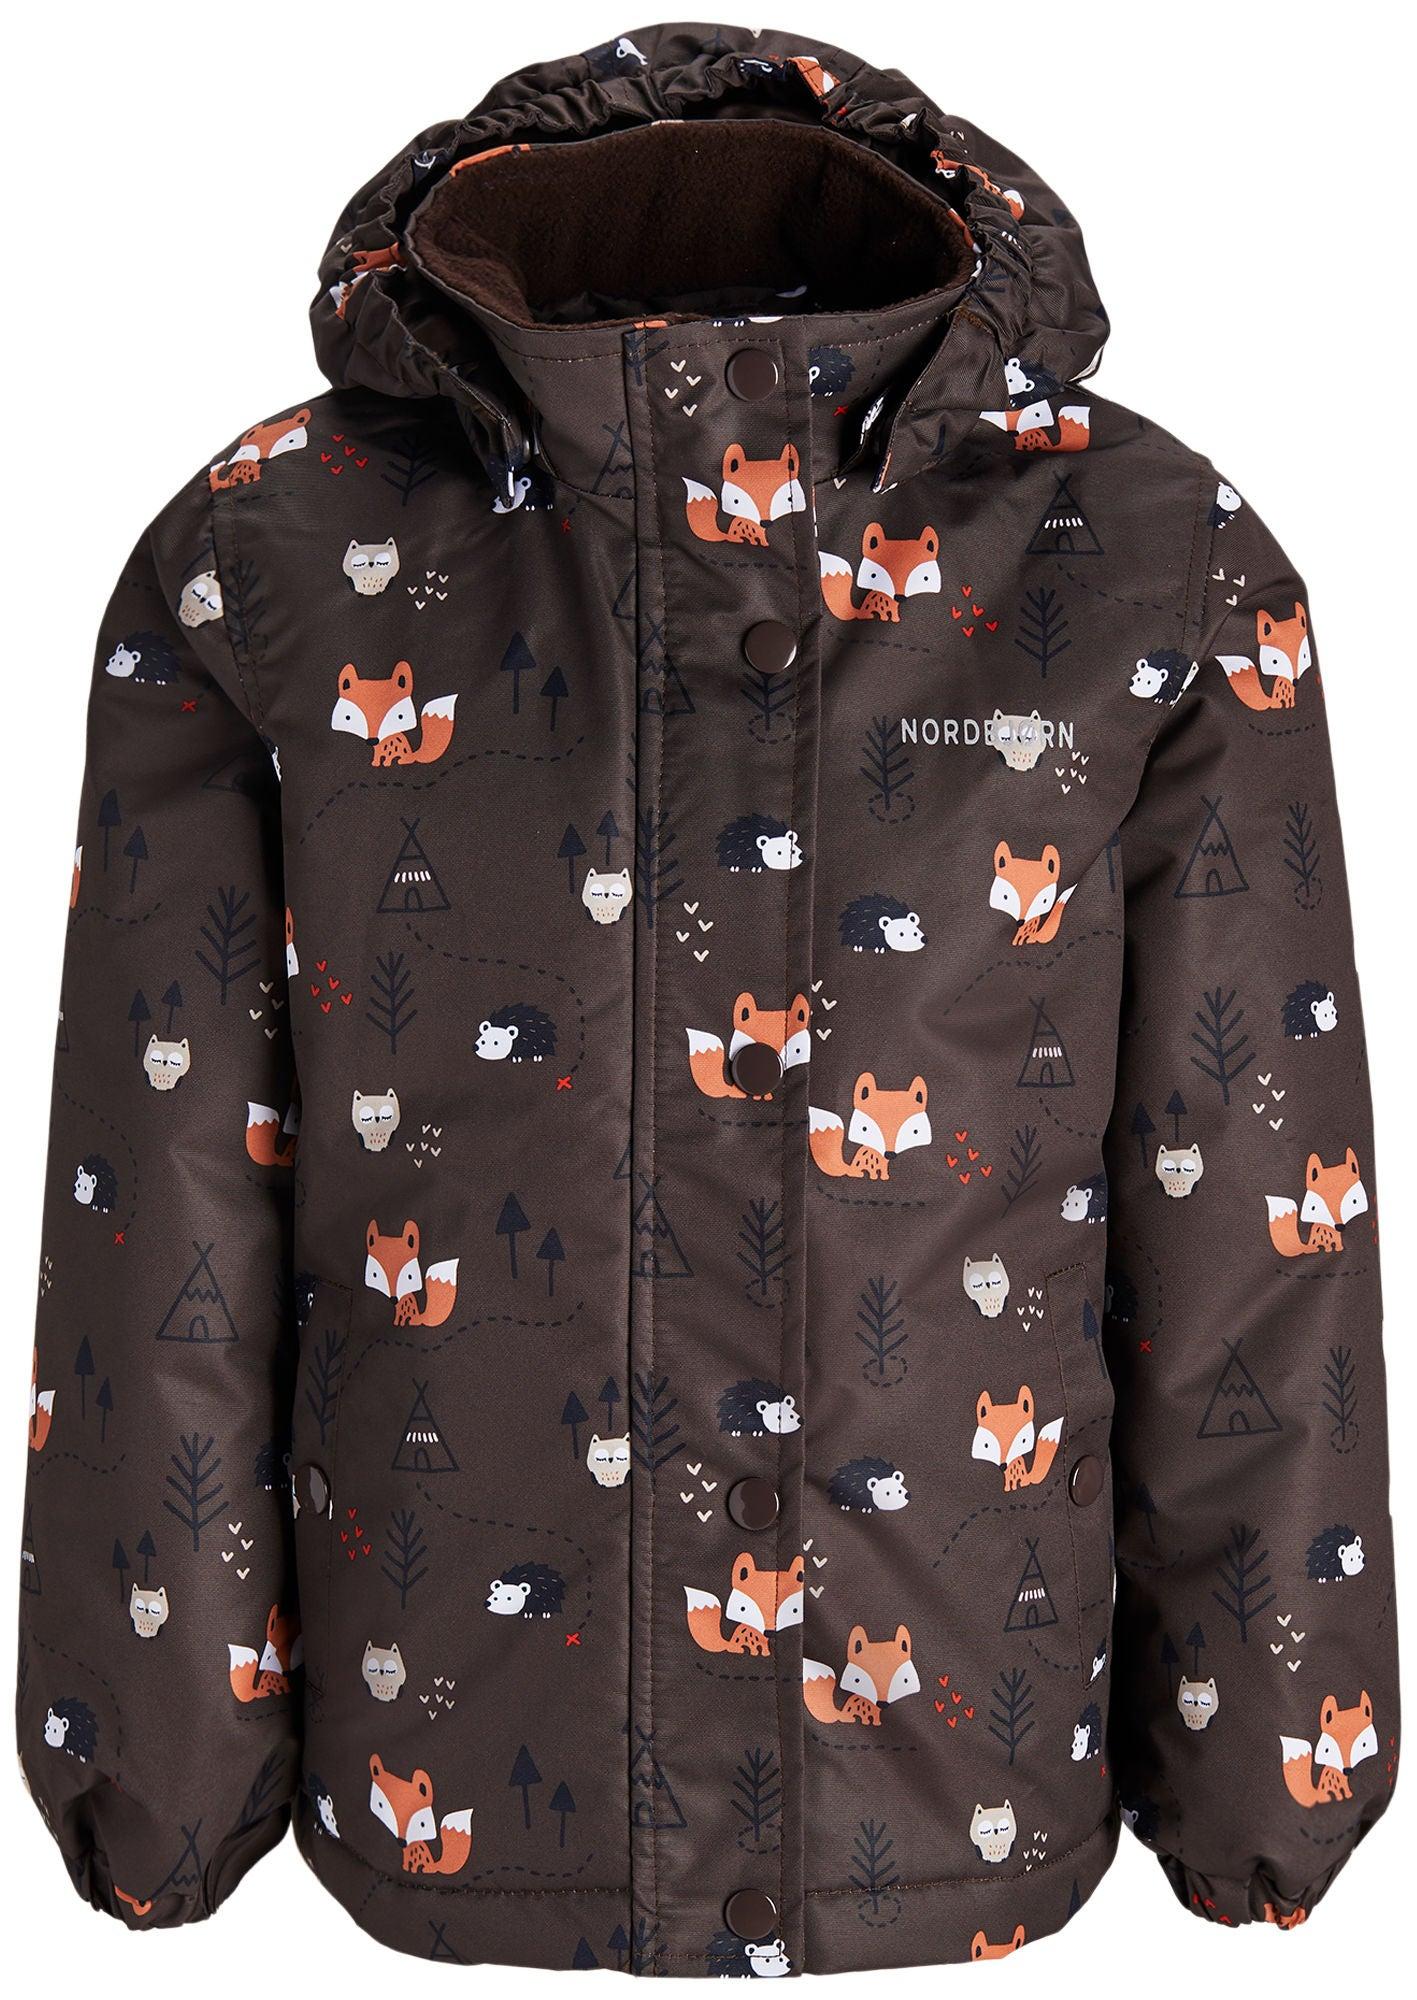 Nordbjörn Minilanche Vinterjacka, Brown Woodi 122-128